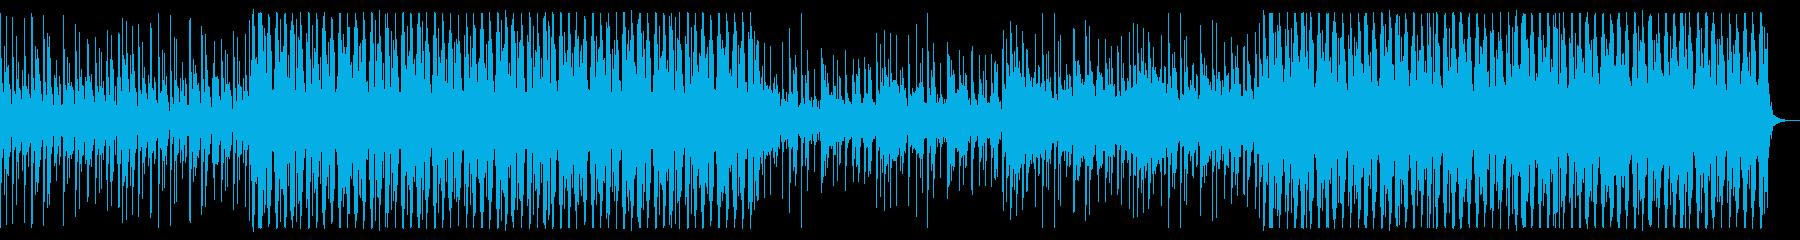 古代遺跡/ジャングル_No664_1の再生済みの波形